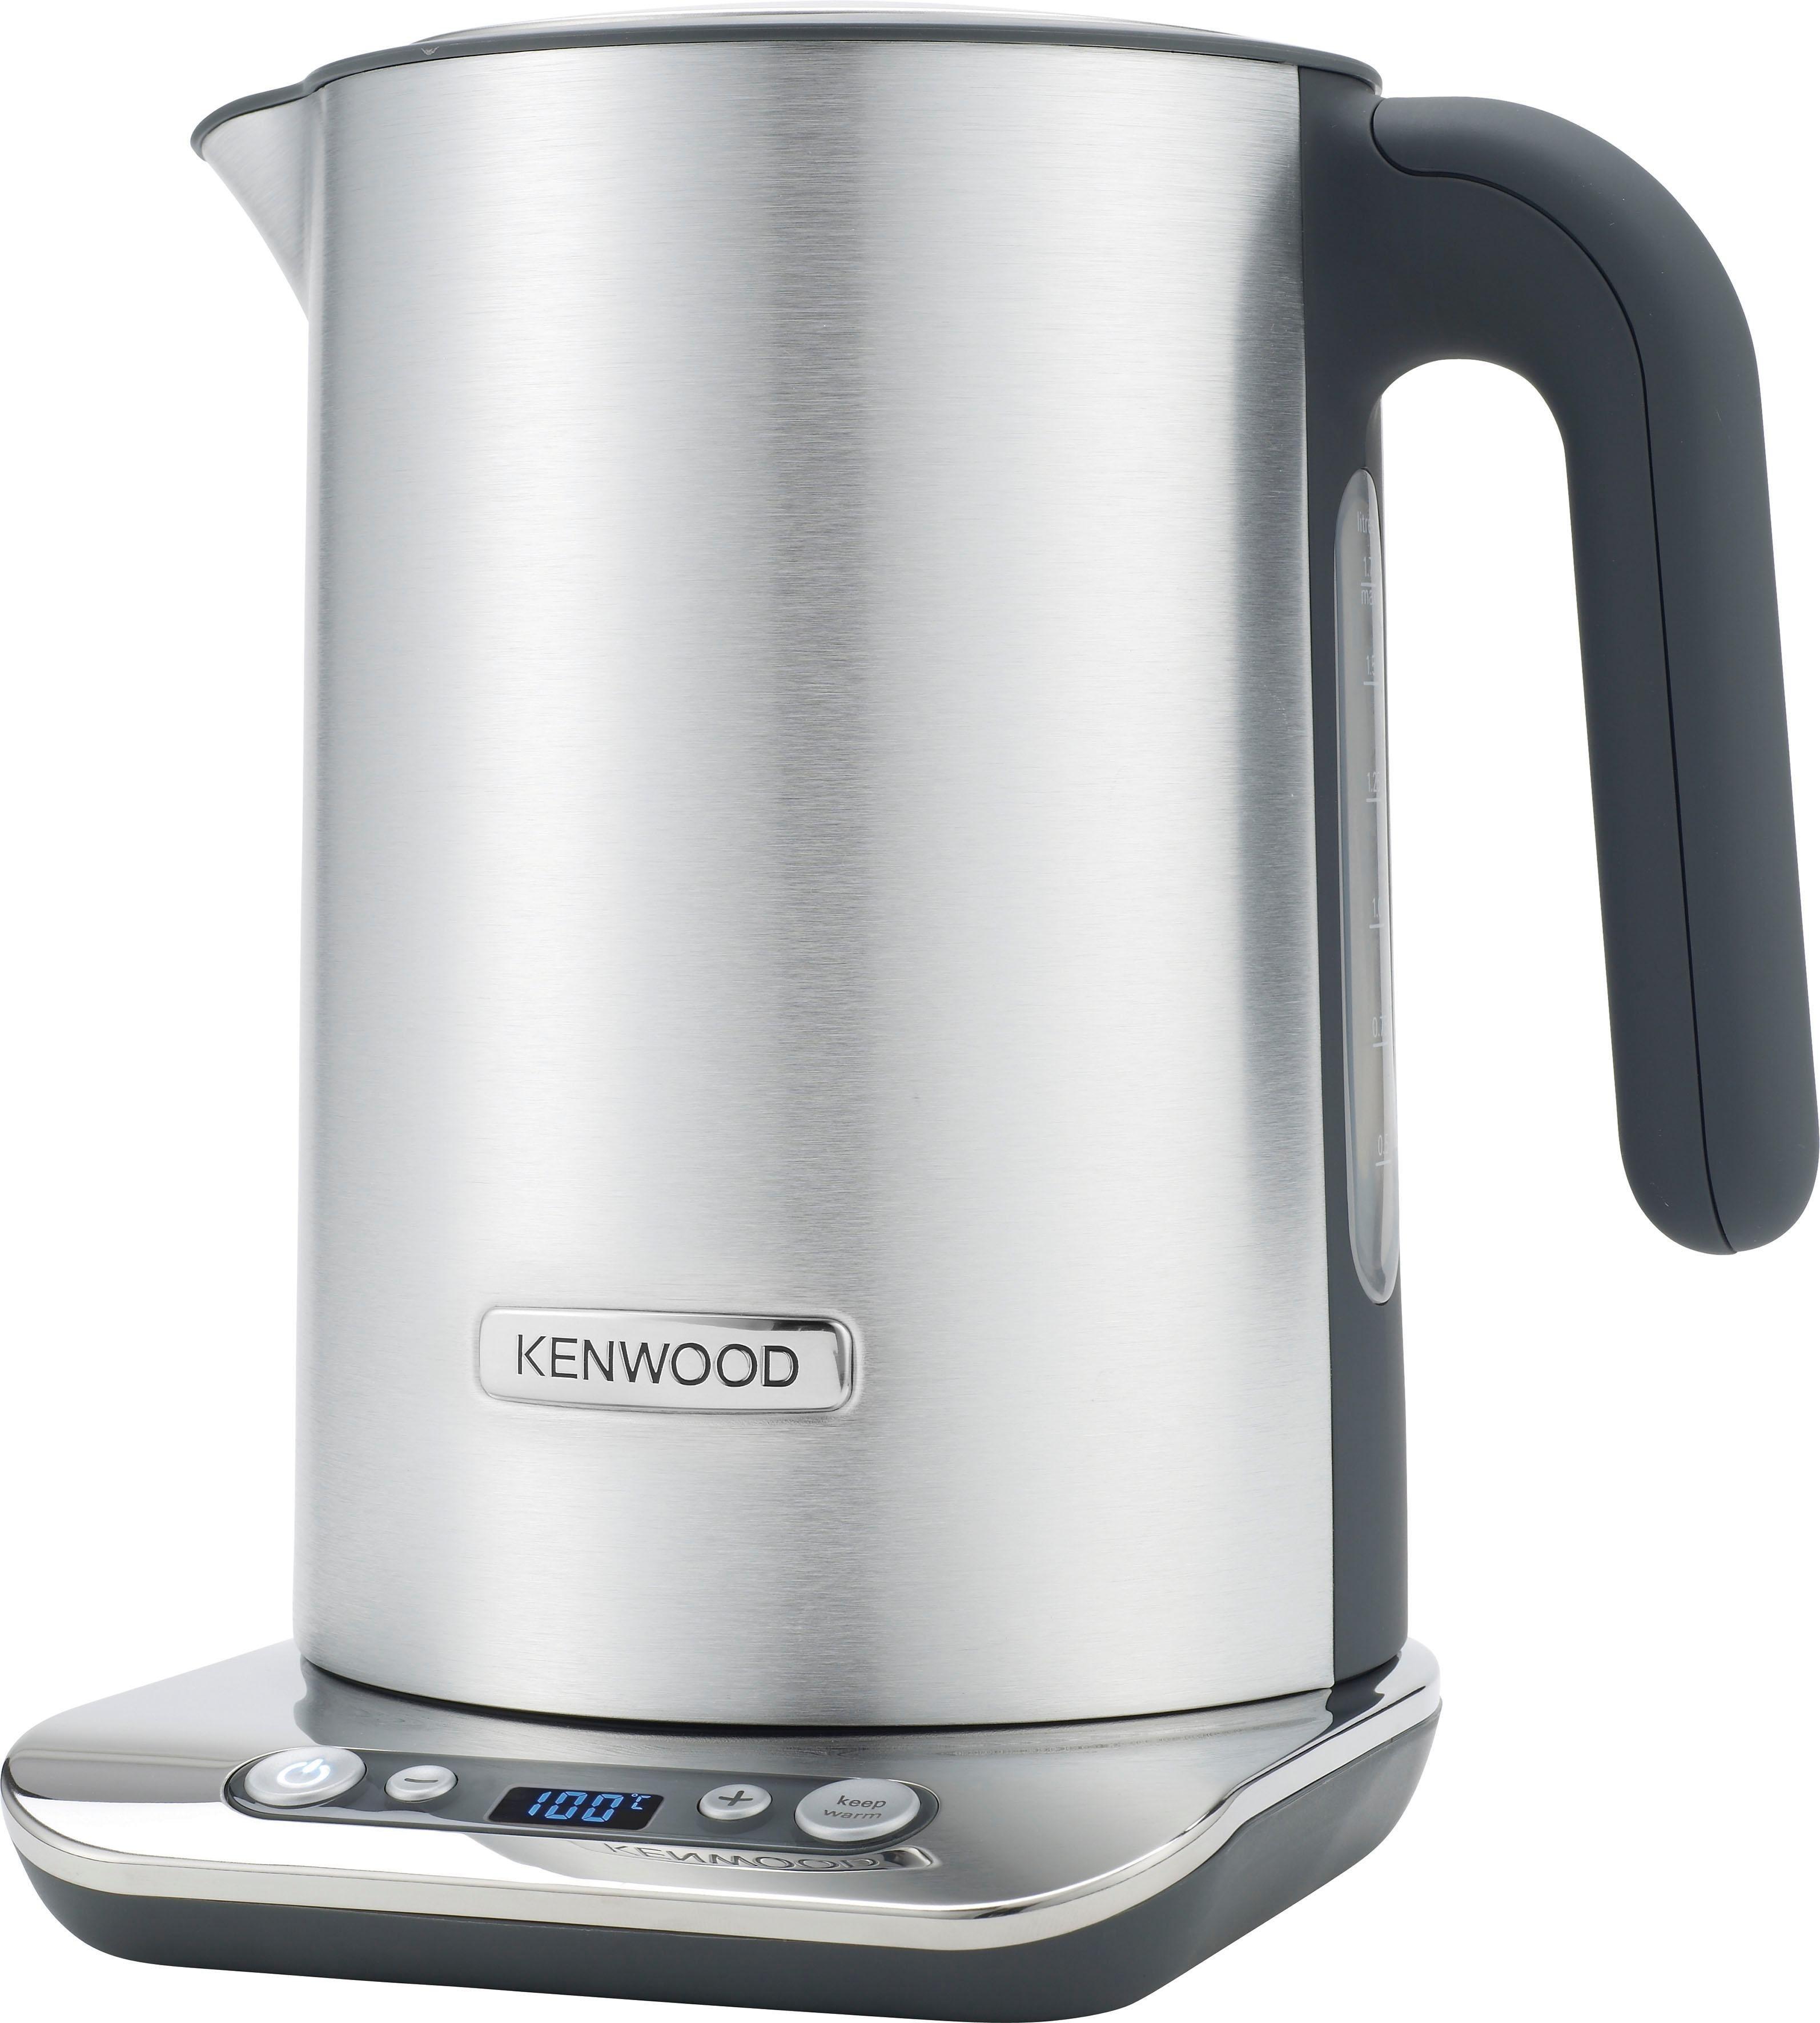 Wasserkocher Persona SJM610, 1,7 l, 2200 W